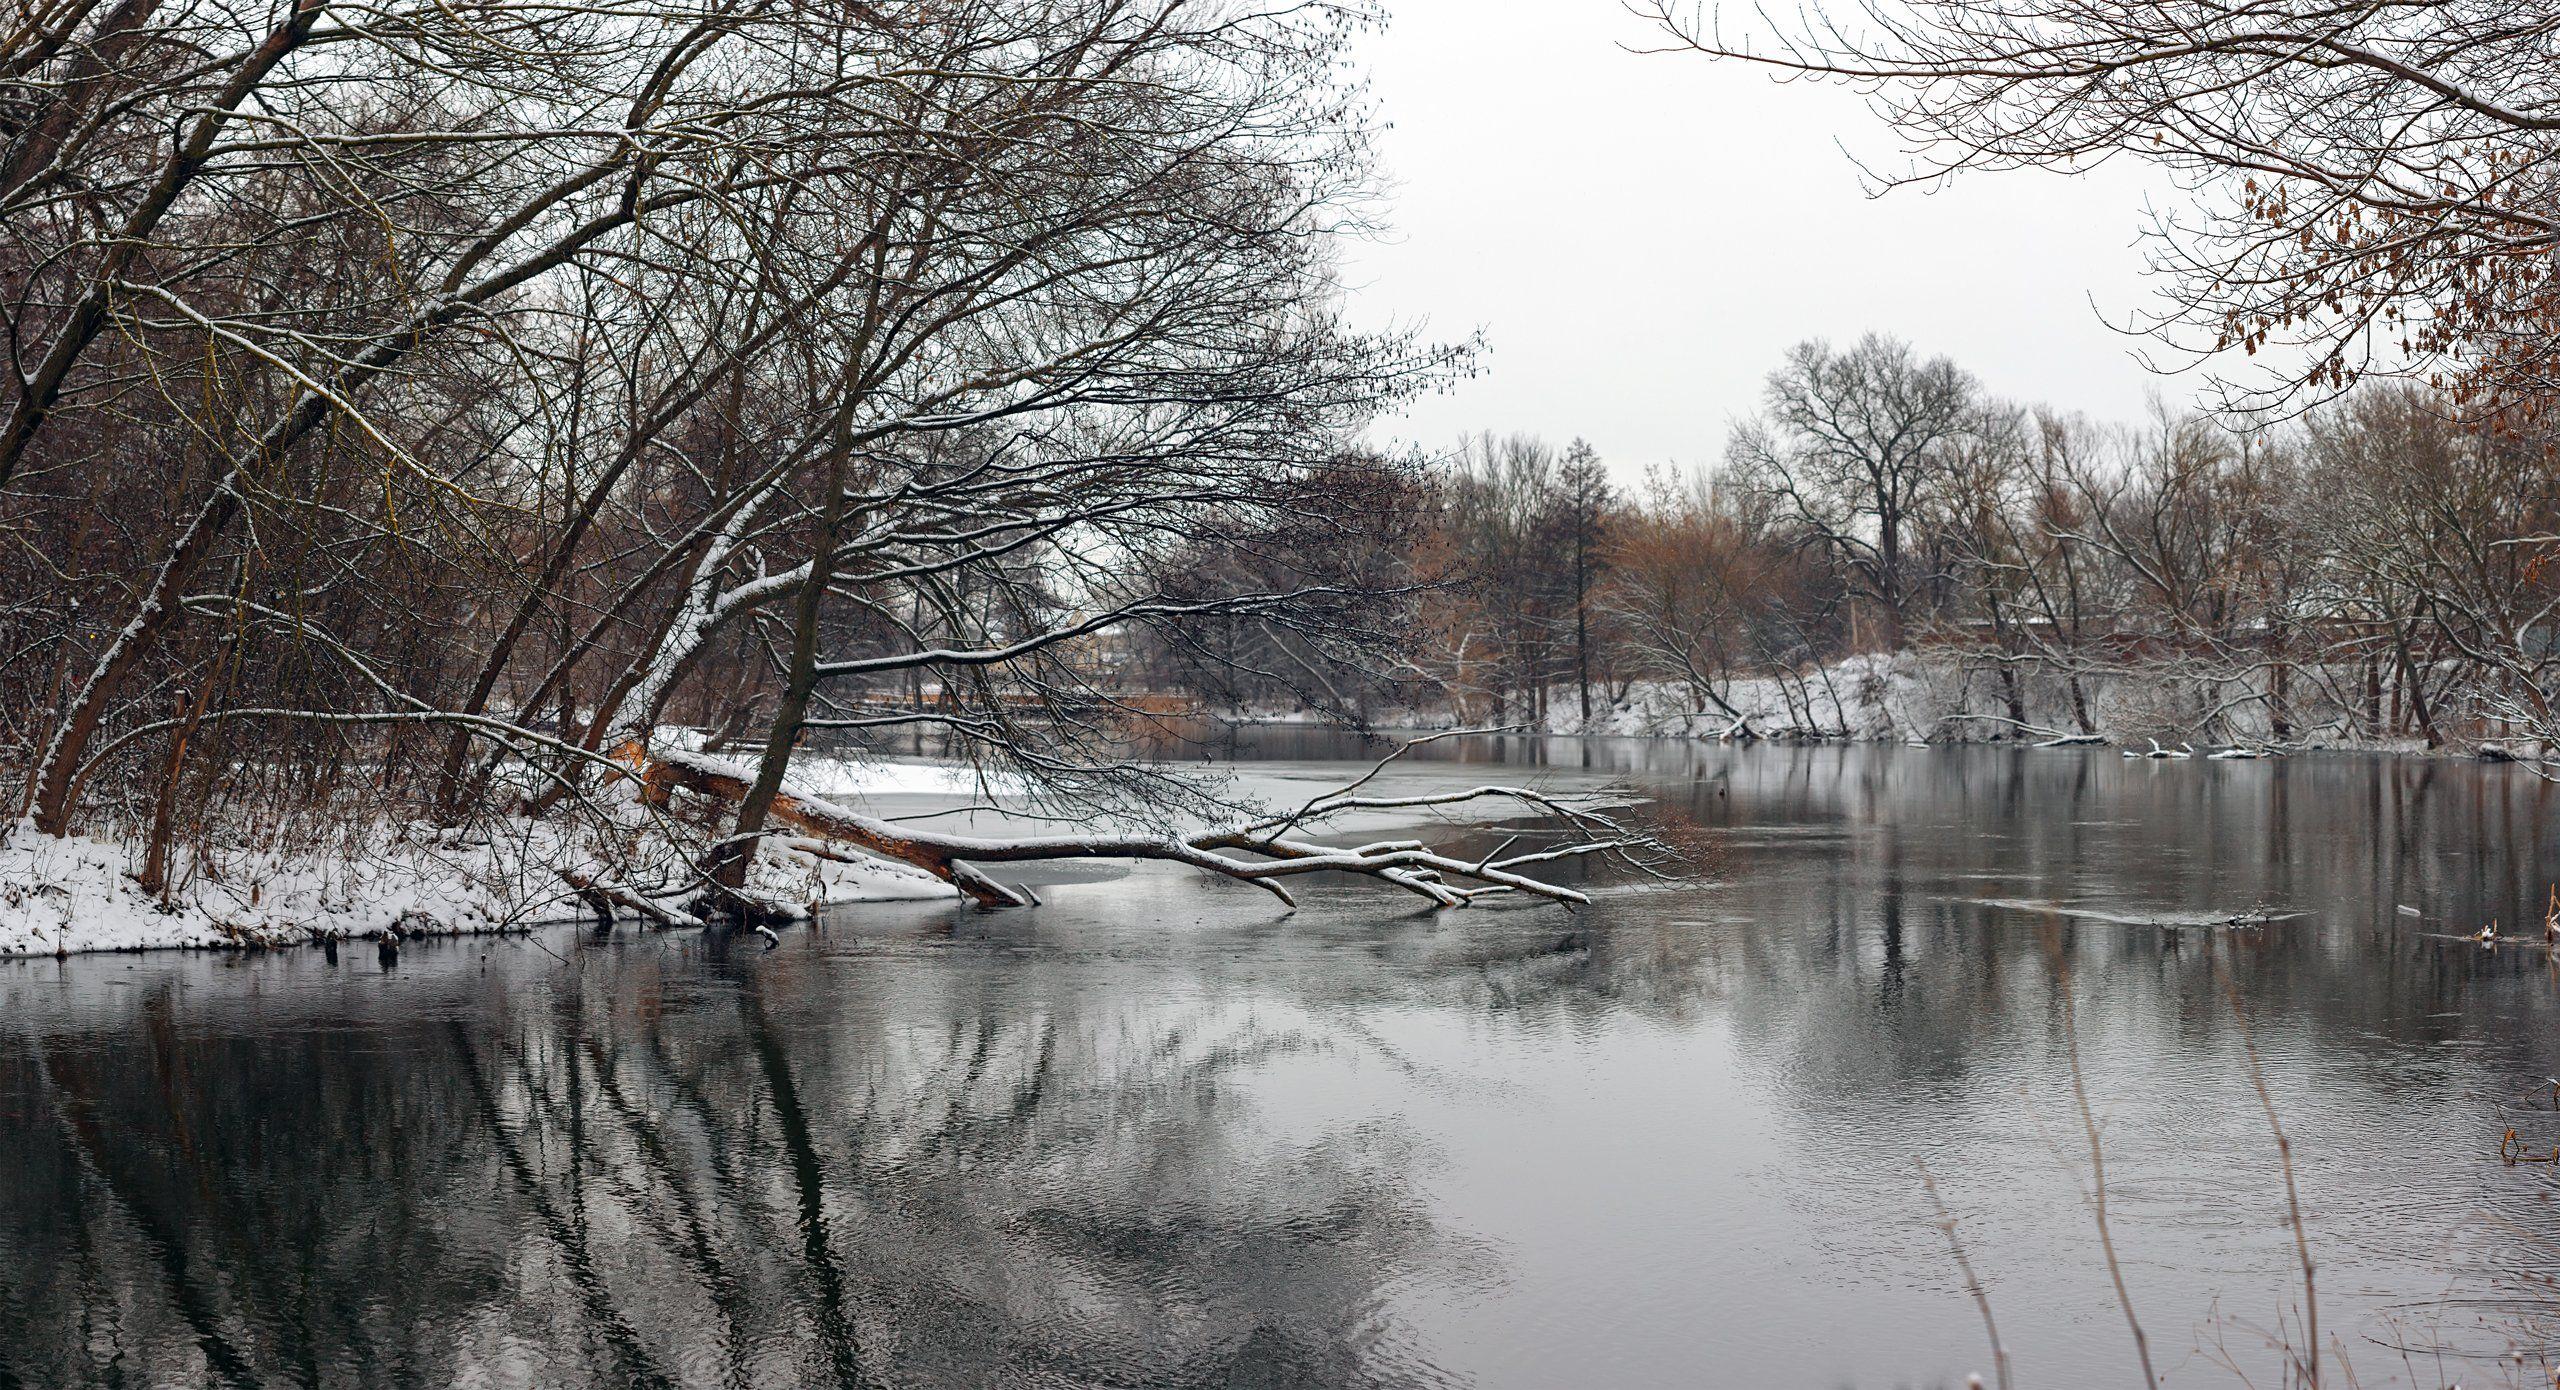 река,вода,деревья,снег,зима, Котов Юрий